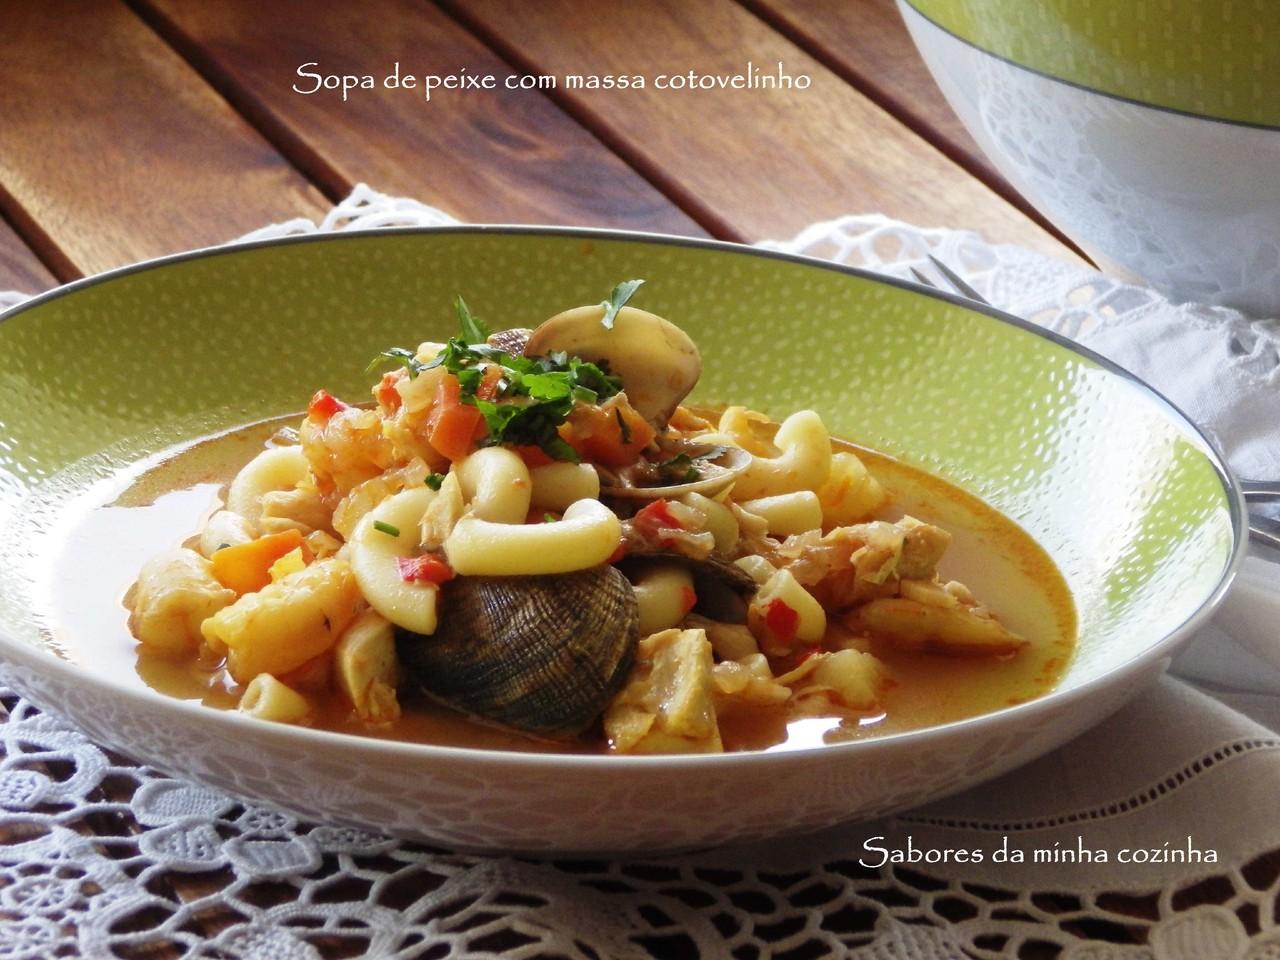 IMGP4362-Sopa de peixe com massa cotovelinho-Blog.